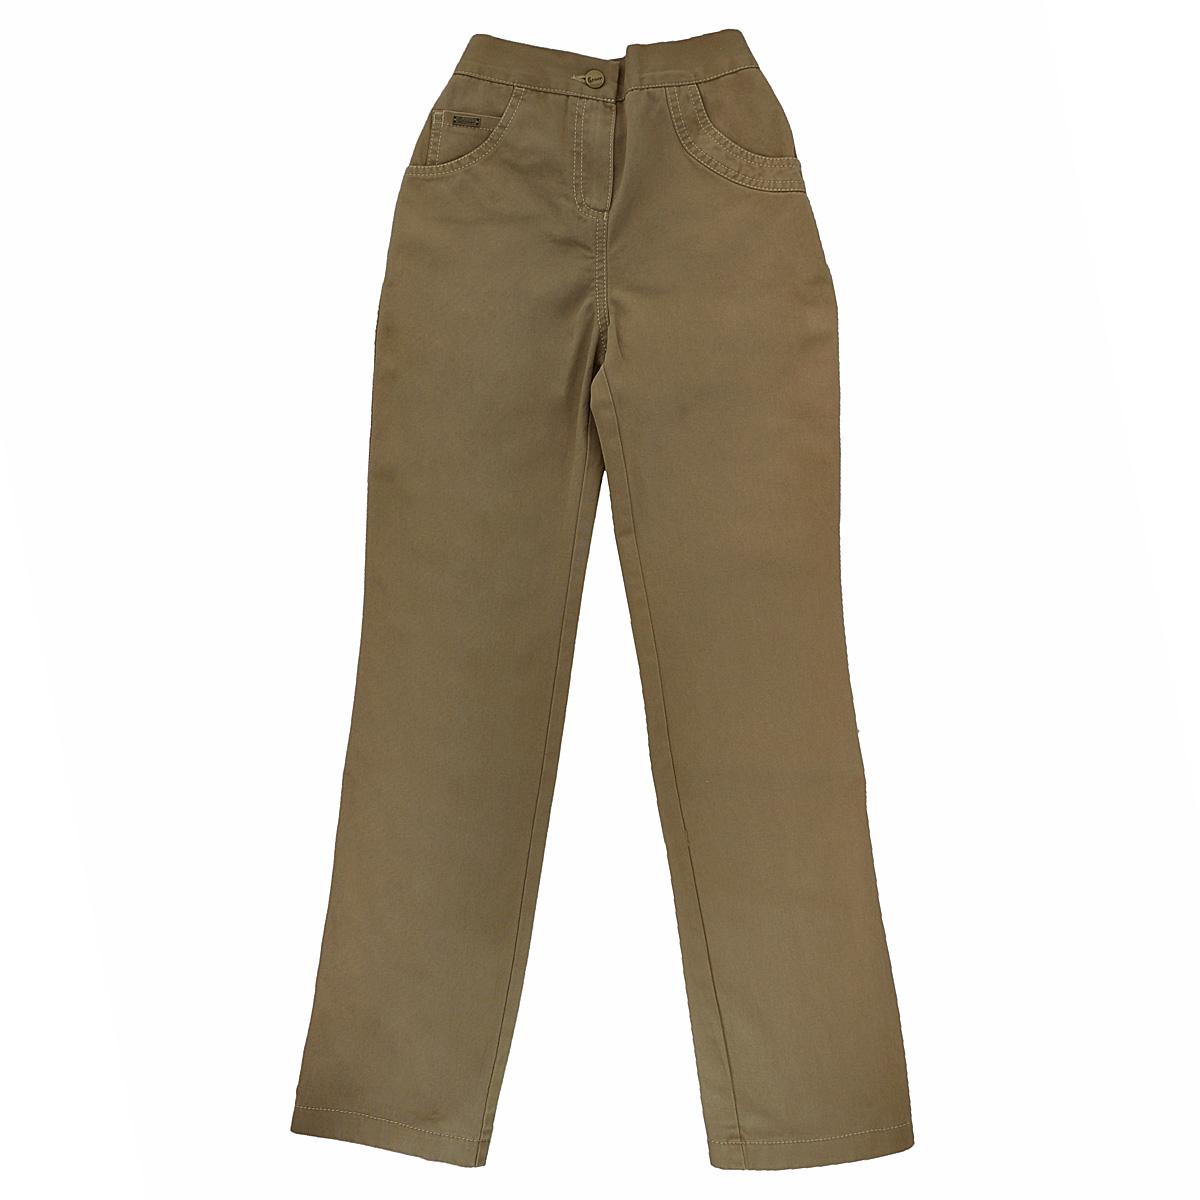 Брюки для девочки. 3С-14 Р483С-14 Р48Модные брюки для девочки Lemur идеально подойдут вашей малышке и станут отличным дополнением к детскому гардеробу. Изготовленные из натурального хлопка, они необычайно мягкие и приятные на ощупь, не сковывают движения малышки и позволяют коже дышать, не раздражают нежную кожу ребенка, обеспечивая ему наибольший комфорт. Брюки на талии имеют широкую эластичную резинку, благодаря чему они не сдавливают животик ребенка и не сползают. Спереди модель застегивается на пластиковую застежку-молнию и металлическую пуговицу, дополнена двумя втачными карманами и маленьким накладным кармашком. Сзади также имеются два накладных кармана. В таких брюках ваша маленькая принцесса будет чувствовать себя комфортно, уютно и всегда будет в центре внимания!